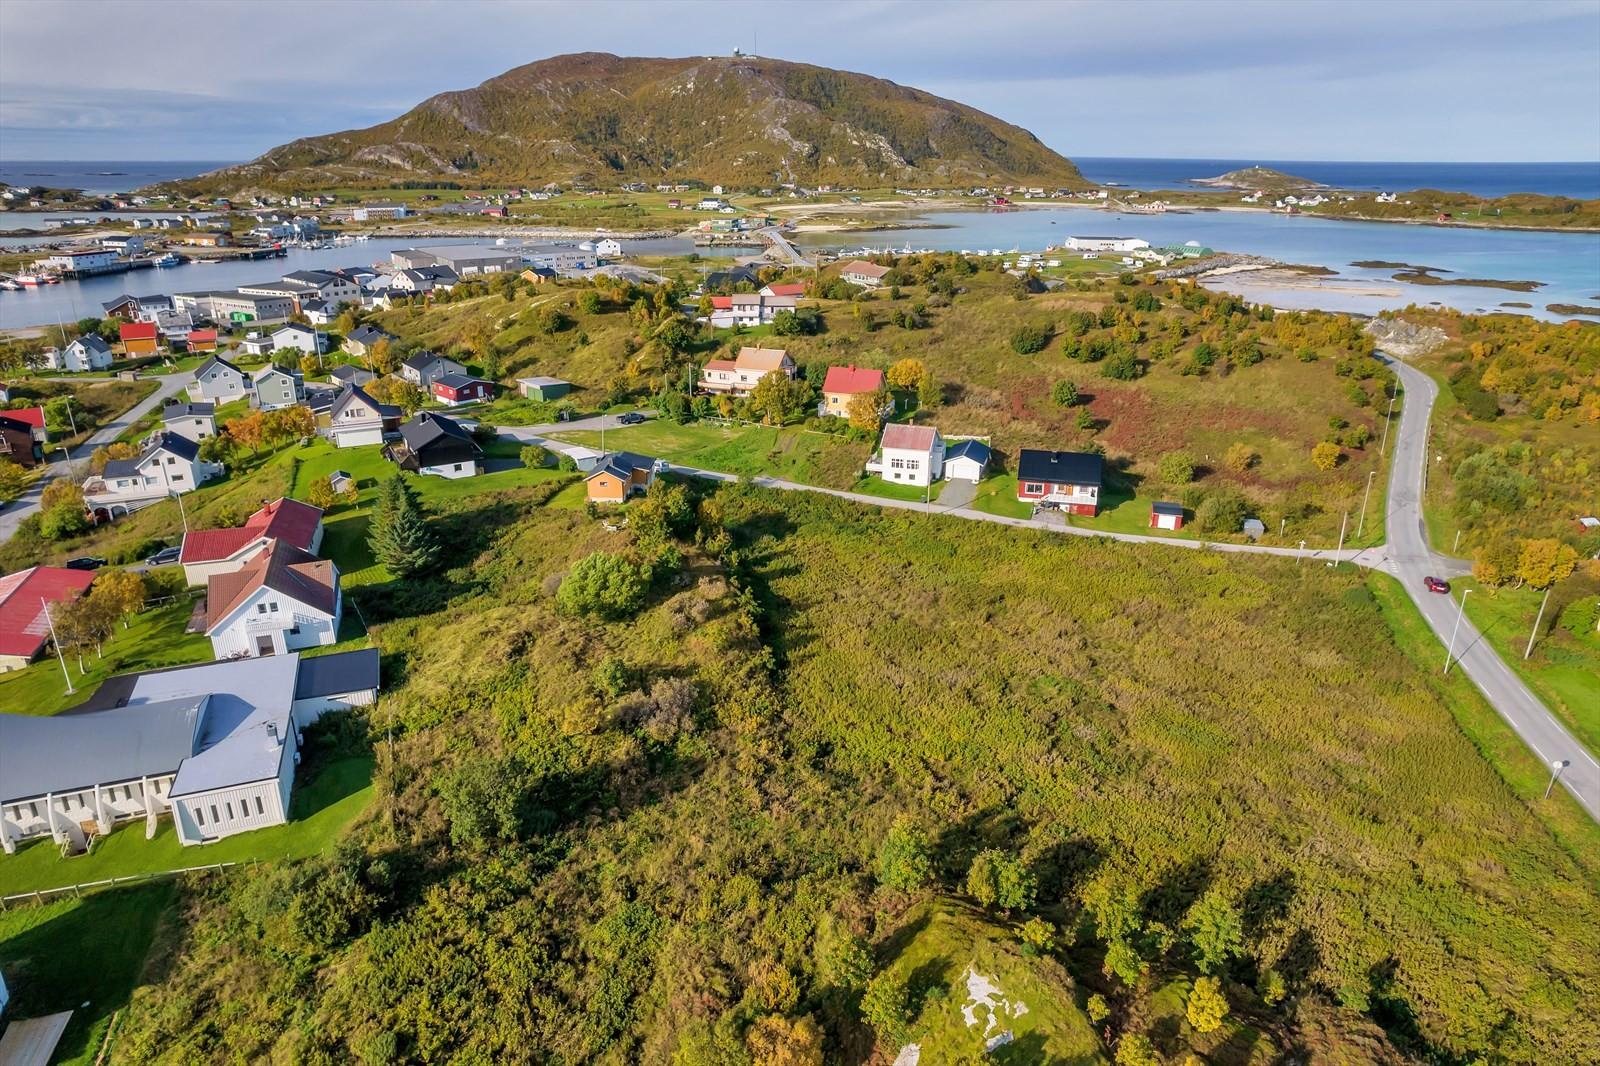 Oversiktkart. Framover ser man Hillesøy, tomten er nede til høyre.